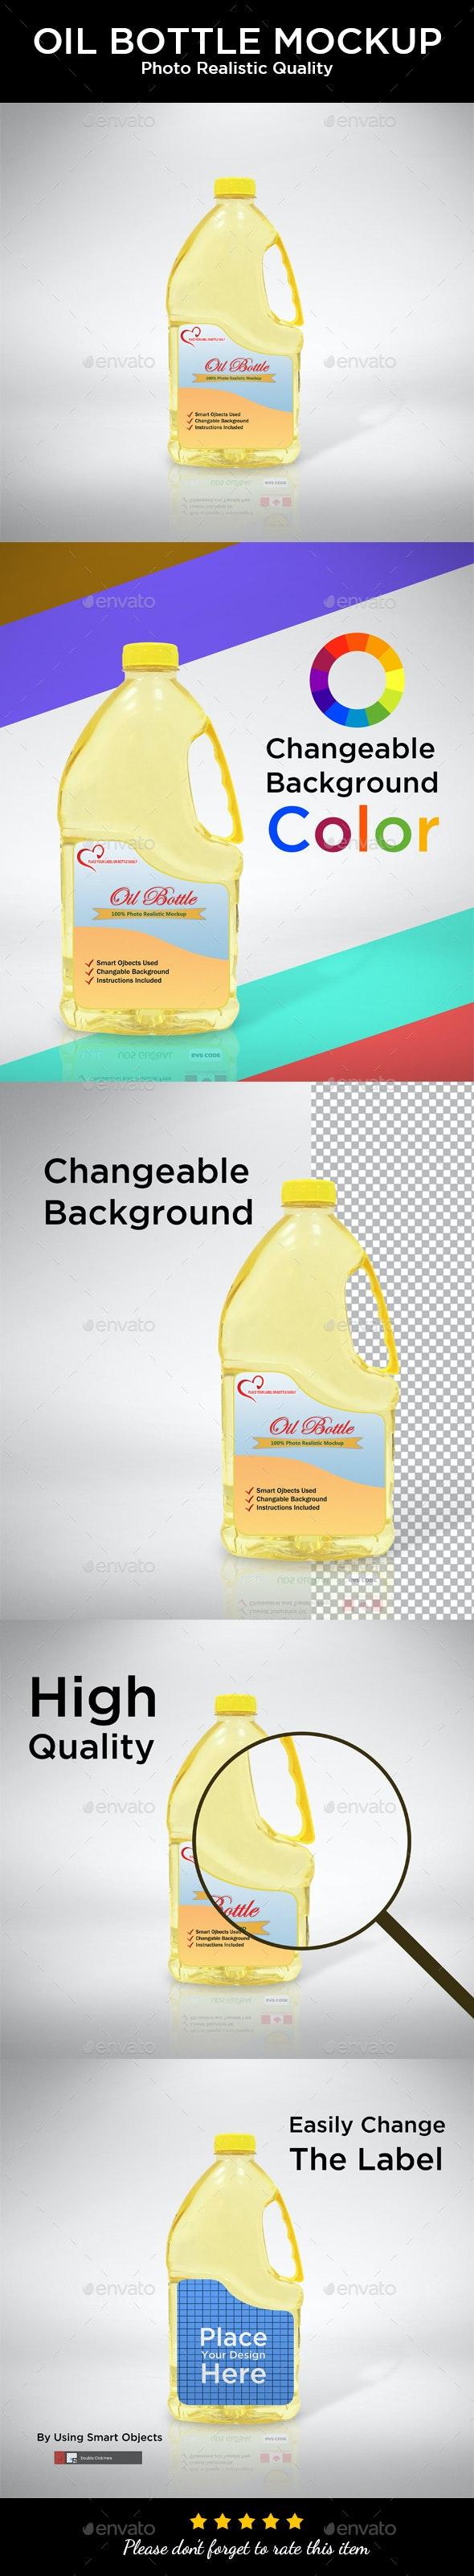 Oil Bottle Label Mockup - Packaging Product Mock-Ups